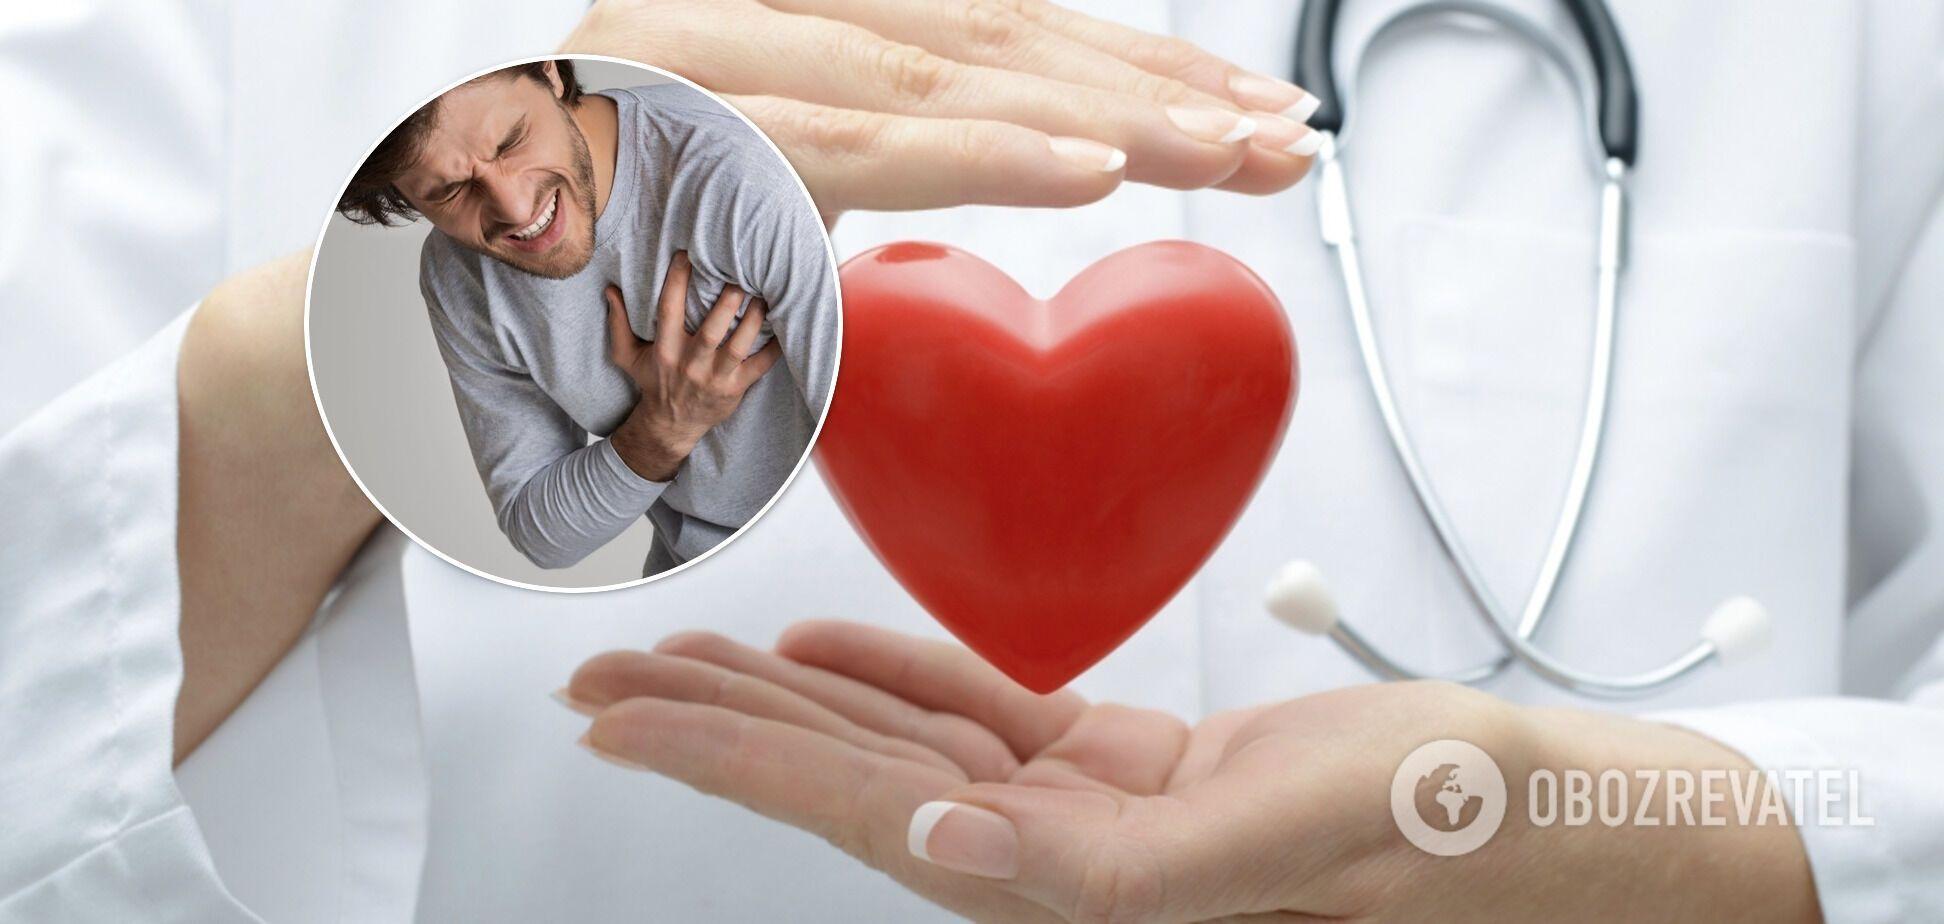 Сердечный стиль жизни: что вредит, а что полезно для вашего сердца